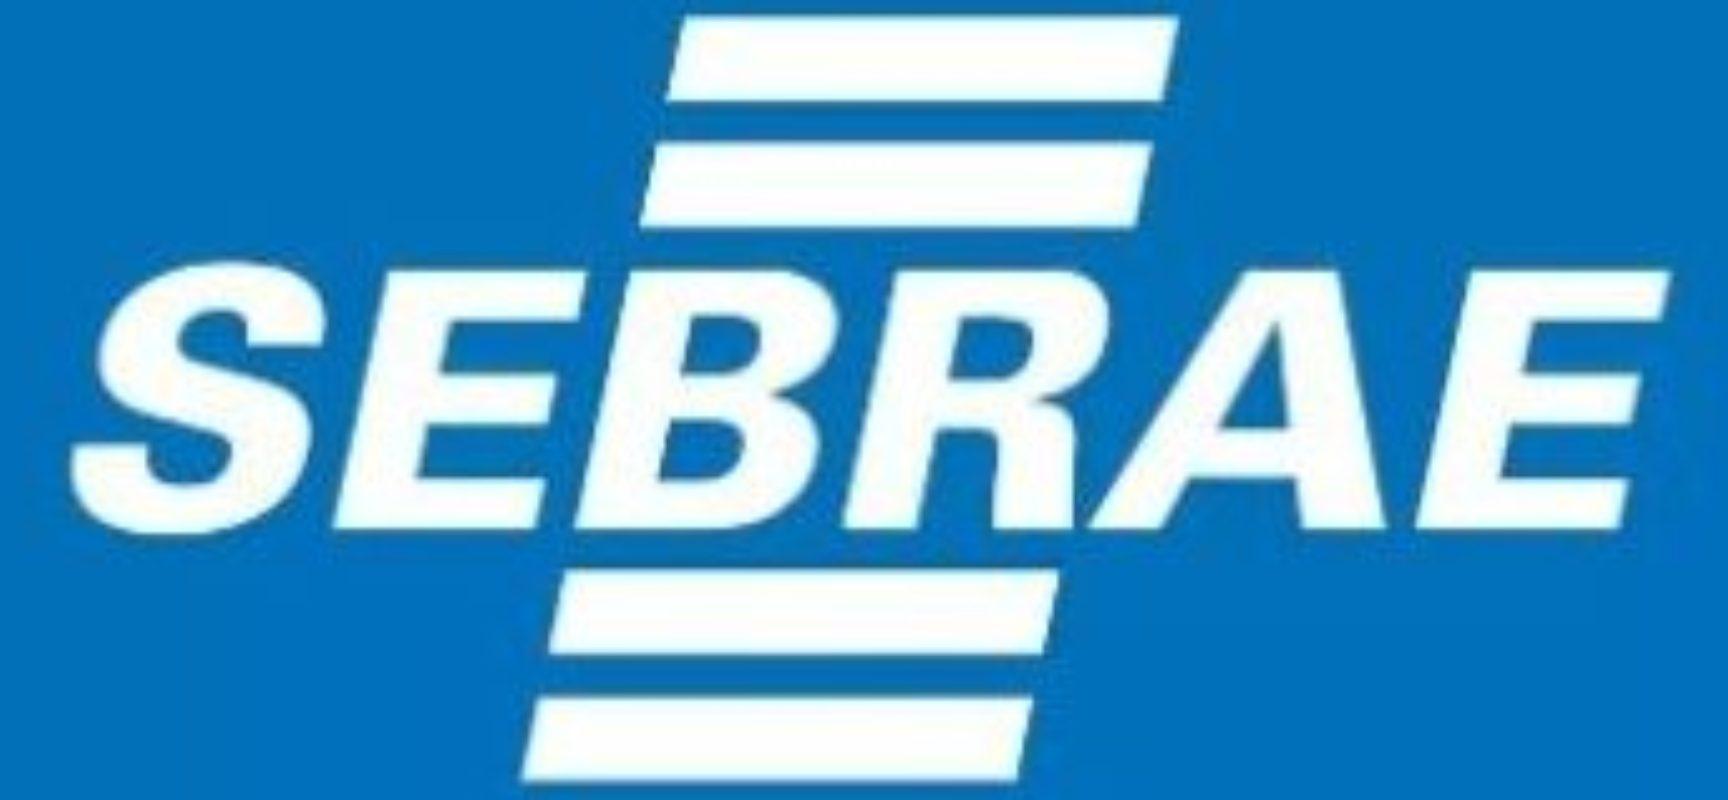 Programa oferece orientação gratuita para mais de 700 empresas na região Sul da Bahia